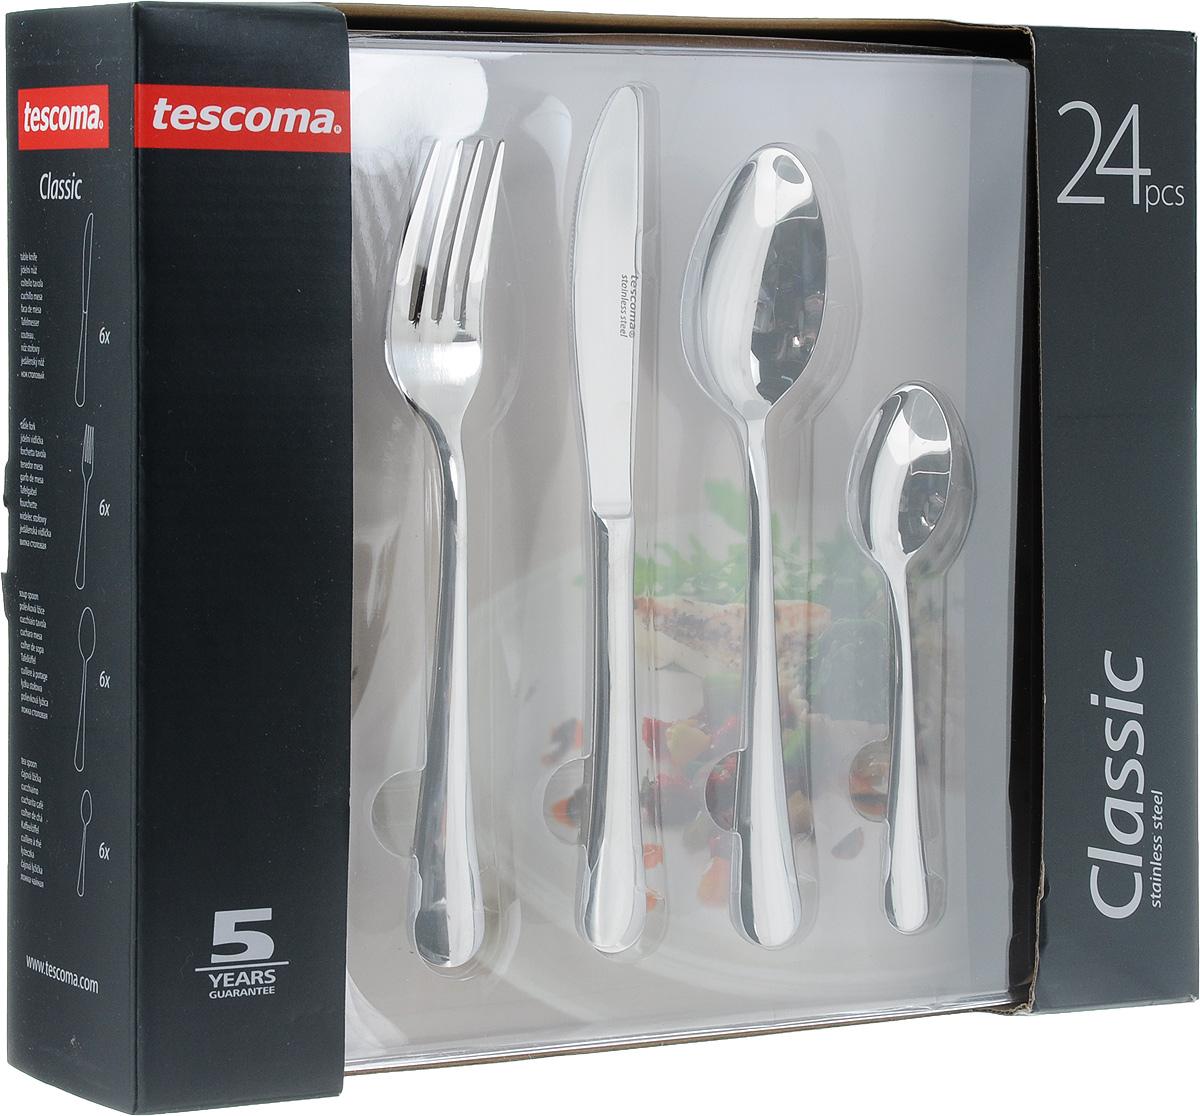 Набор столовых приборов Tescoma CLASSIC, 24 шт391406Столовые приборы Tescoma CLASSIC выполнены из нержавеющей стали. Полированная поверхность износостойка, гигиенична и легко поддается очистке. разрешено мыть в посудомоечной машине. В наборвходит: 6х нож 22 см, 6х вилка 20,5 см, 6х ложка 20,5 см, 6х чайная/кофейная ложка 14,5 см.